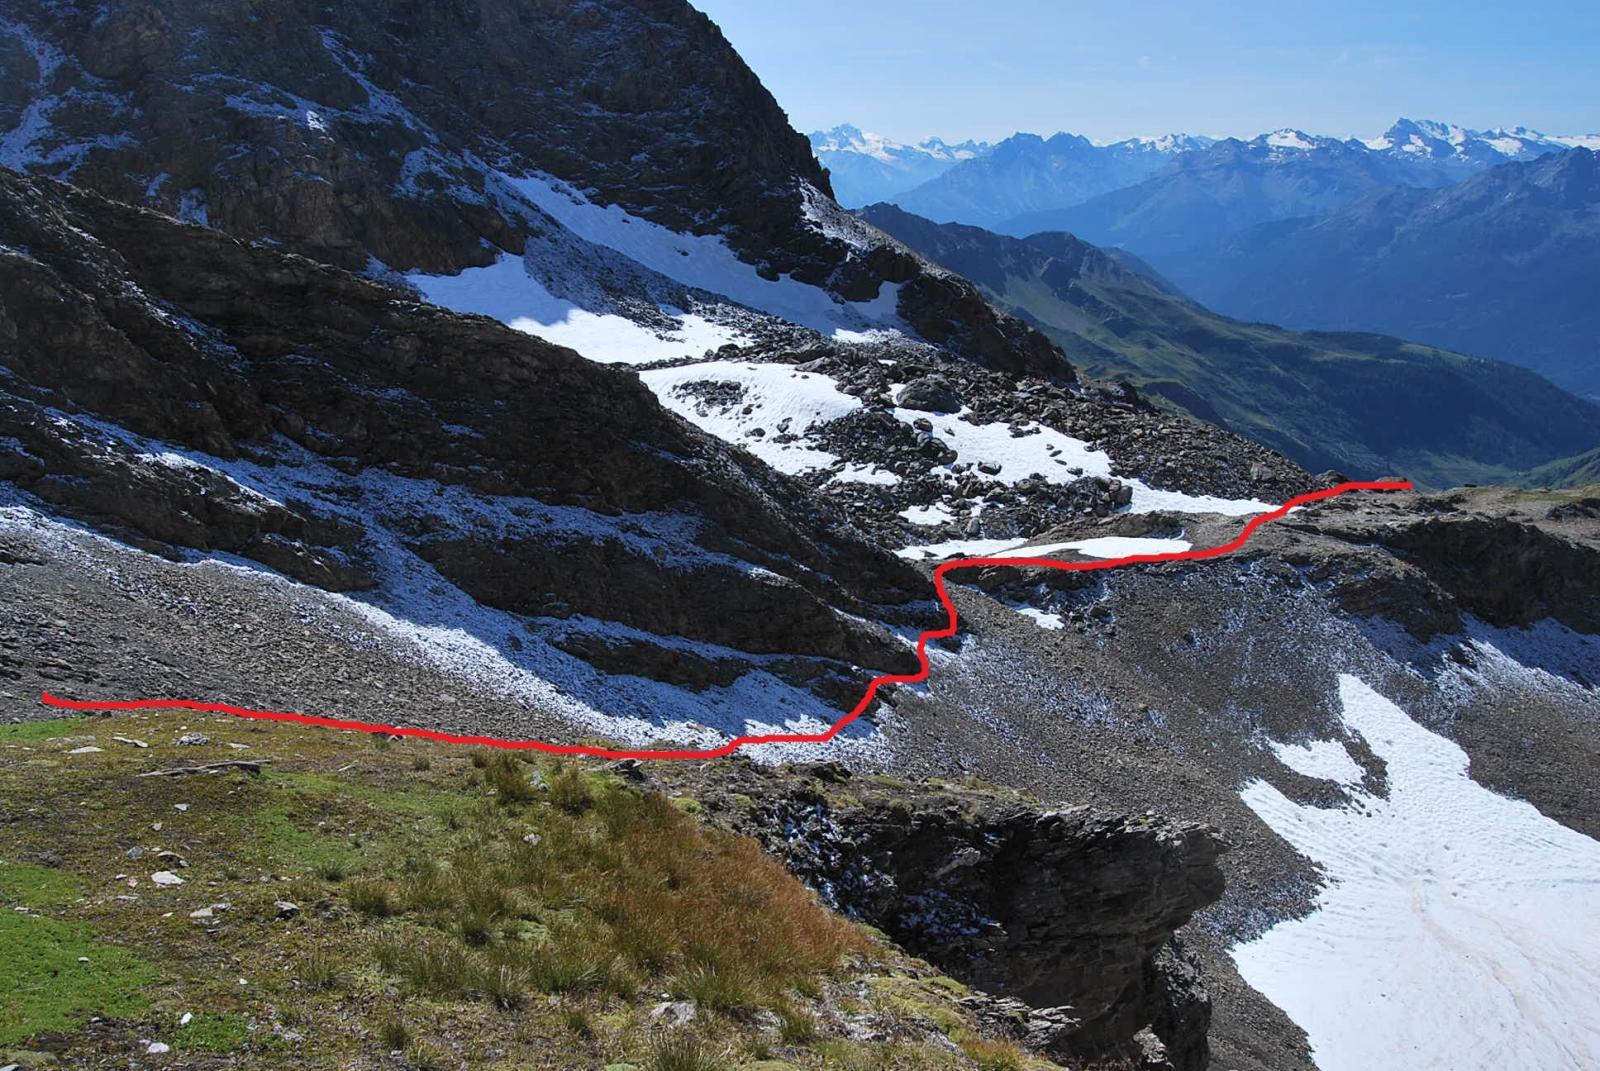 L'attraversamento della pietraia e l'arrivo sul costone, dove si ritrova la via di salita dal lago di Bonalex: adesso inizia il canalino